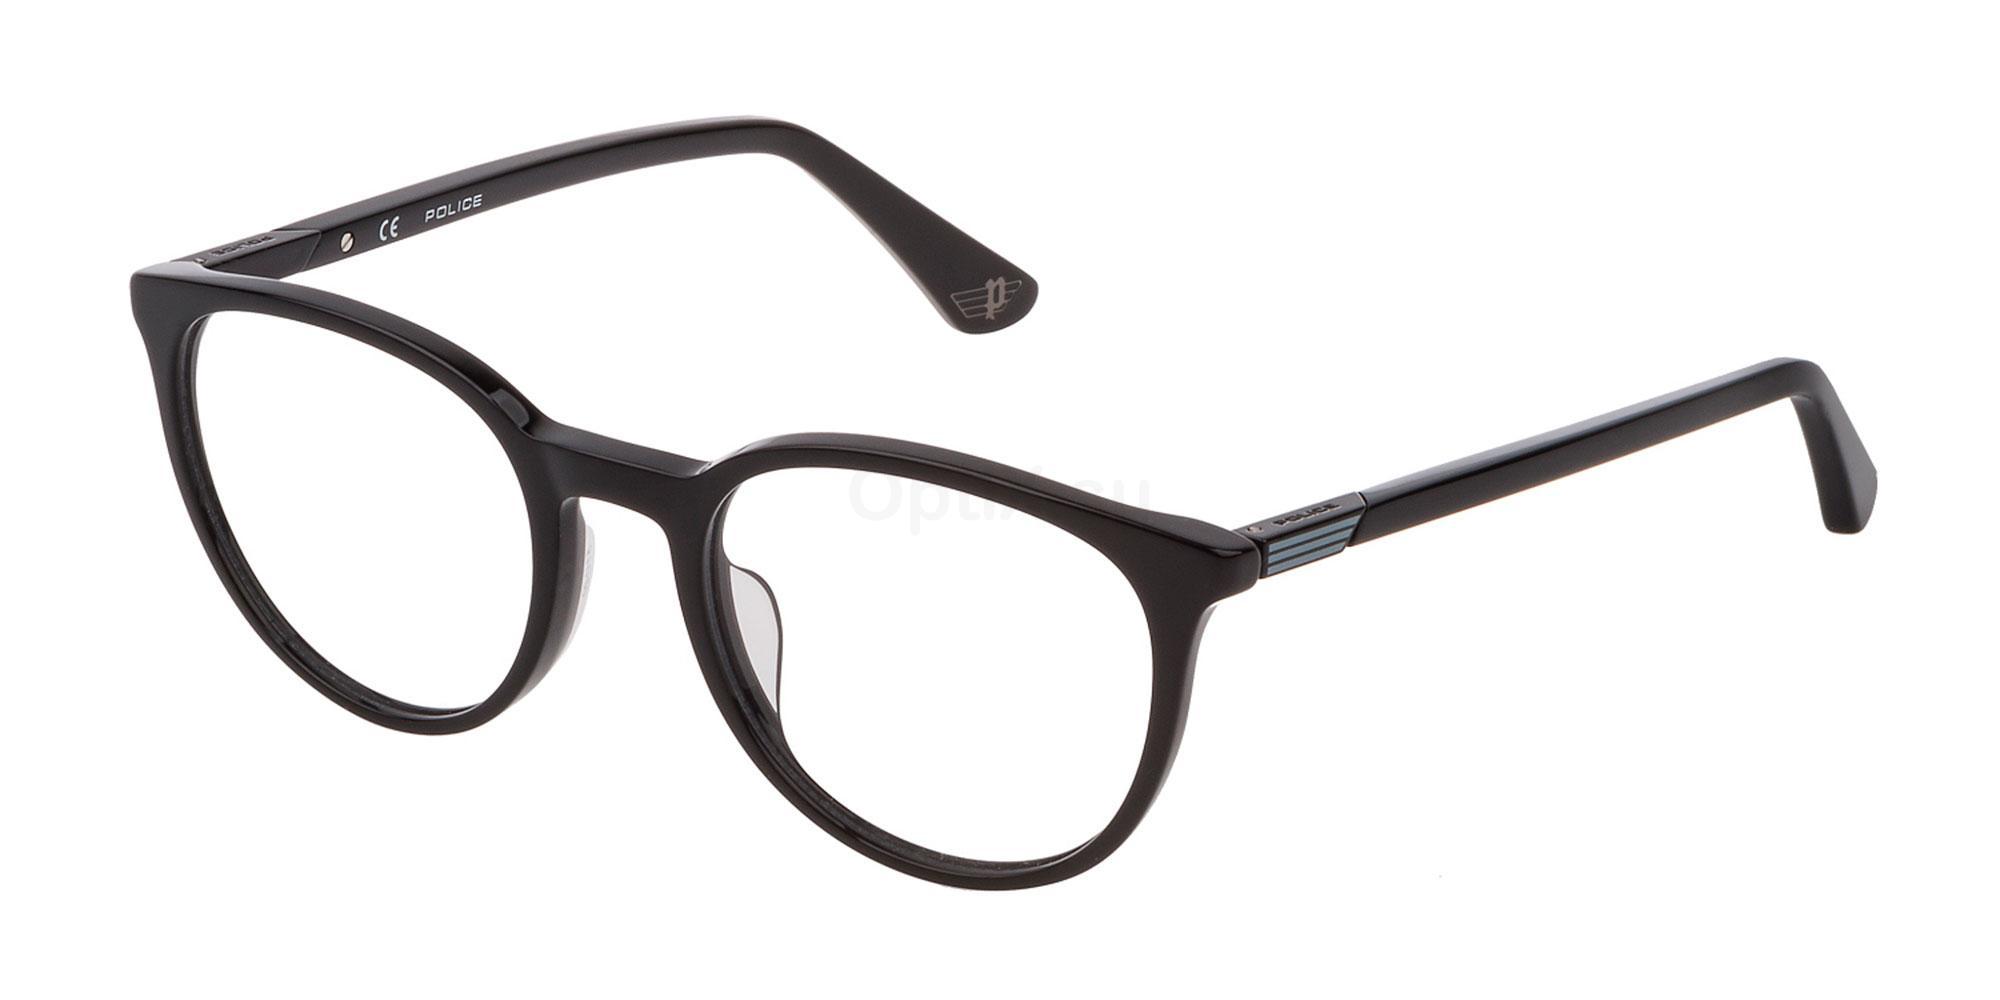 0700 VPL883 Glasses, Police